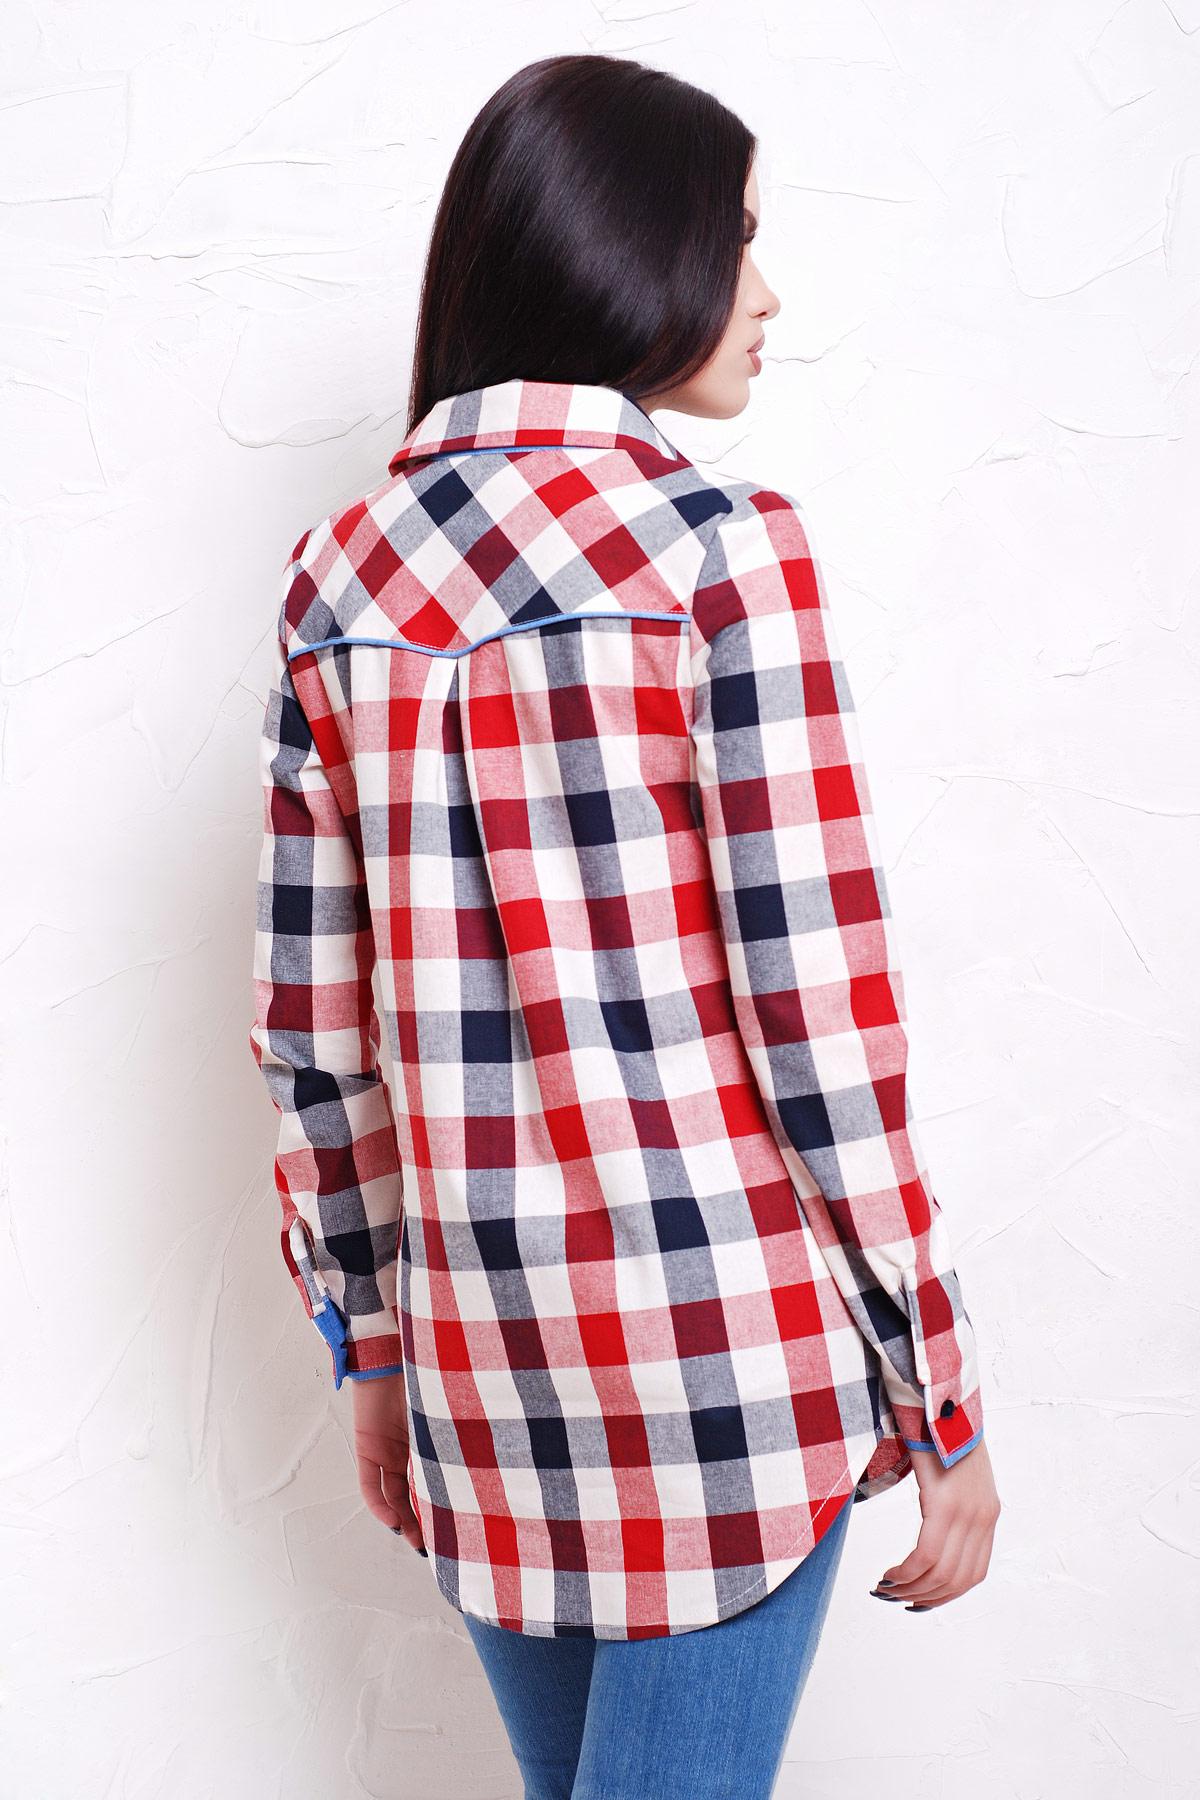 4db6d06fb16 Длинная женская рубашка в клетку. блуза Канзас д р. Цвет  красн.